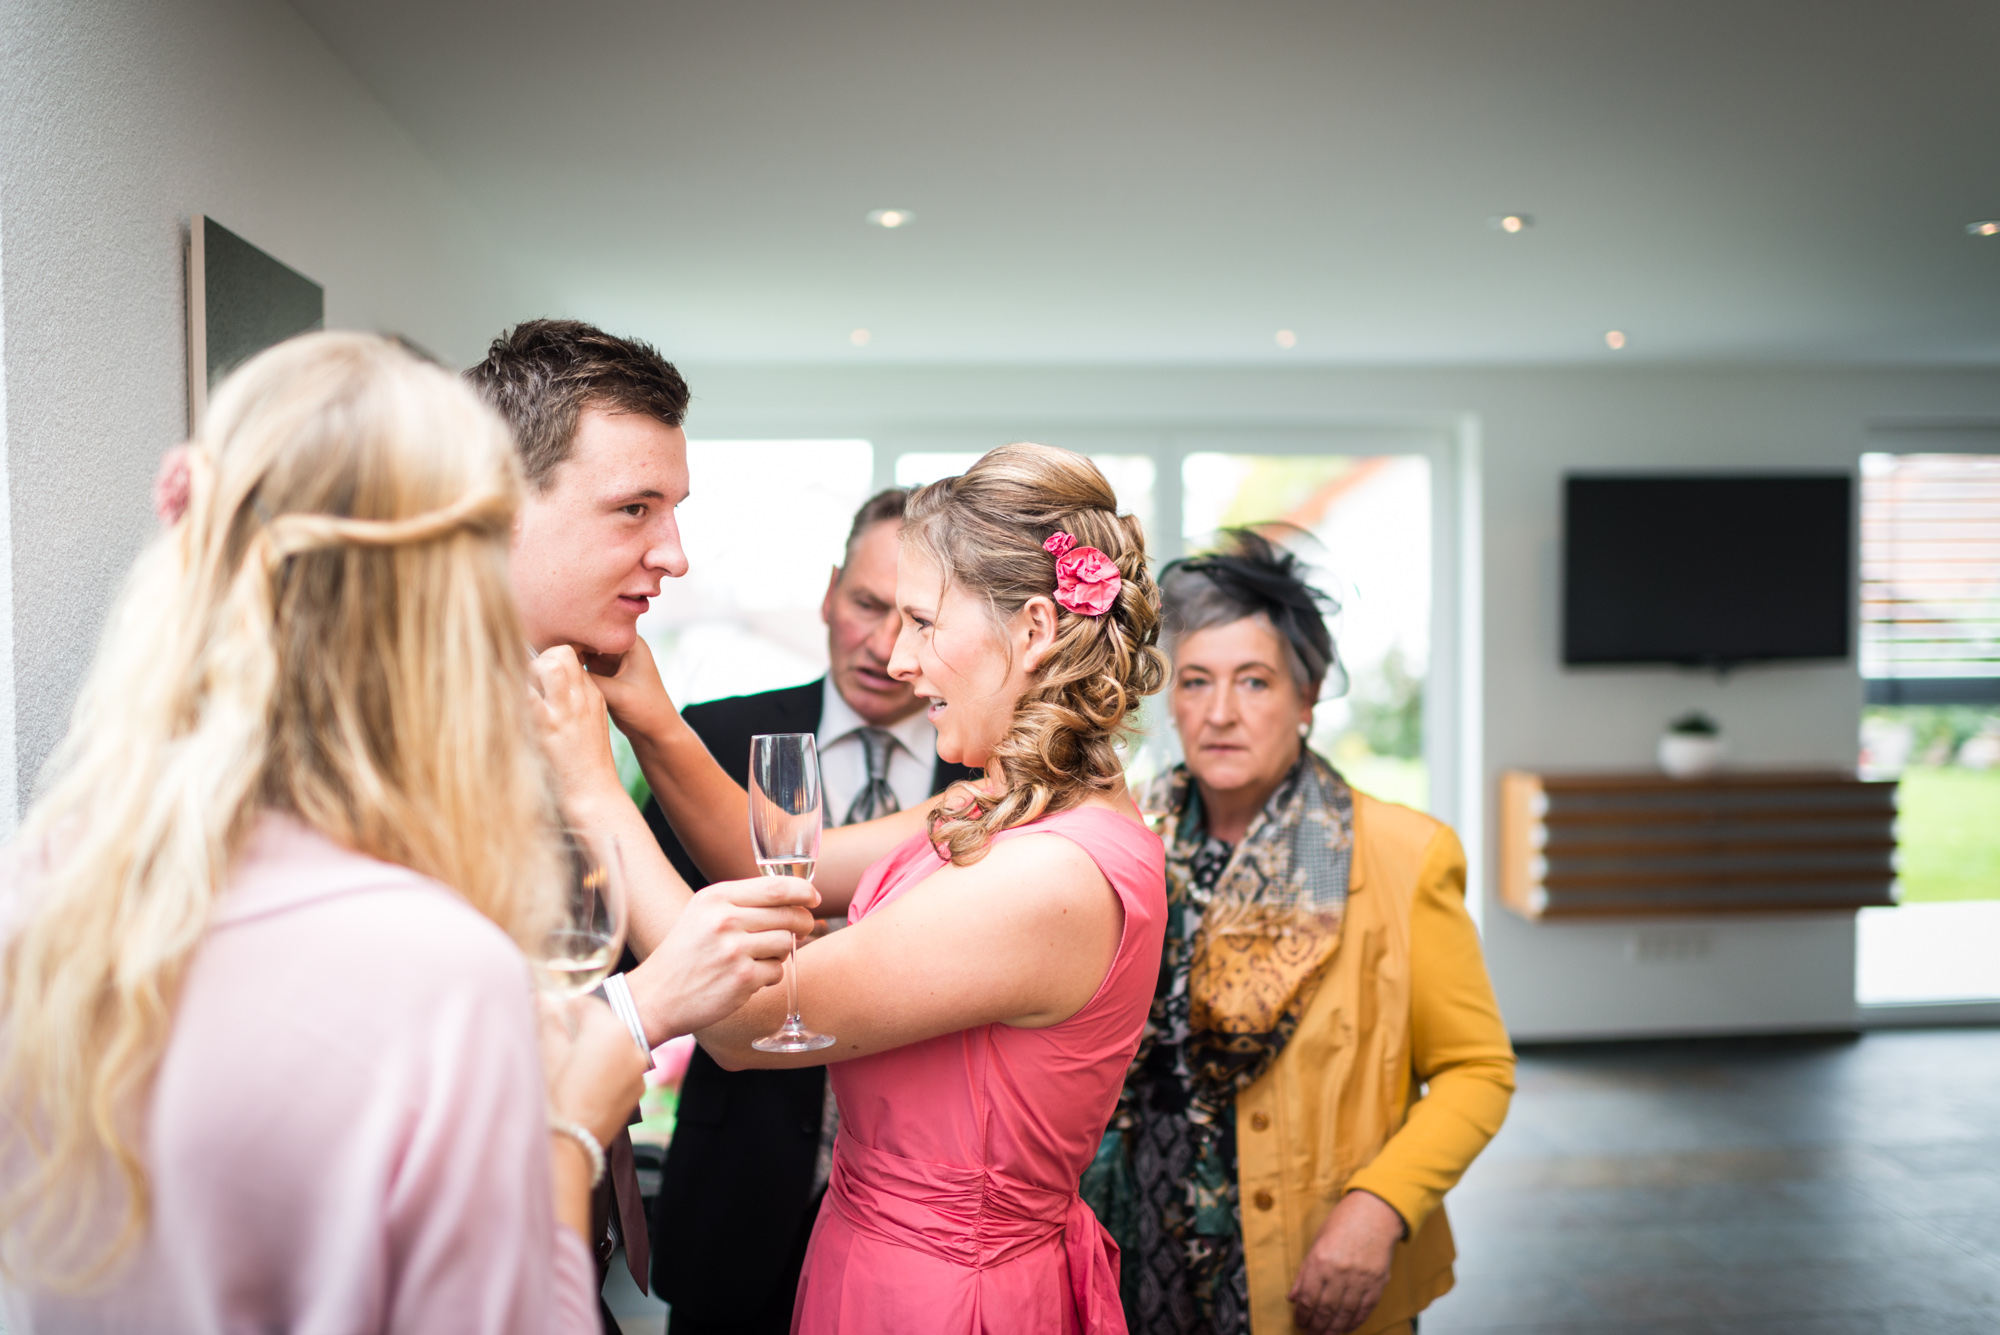 Fotograf Konstanz - Hochzeit Katja und Christian 19 - Als Hochzeitsfotograf in Bad Dürrheim unterwegs  - 8 -